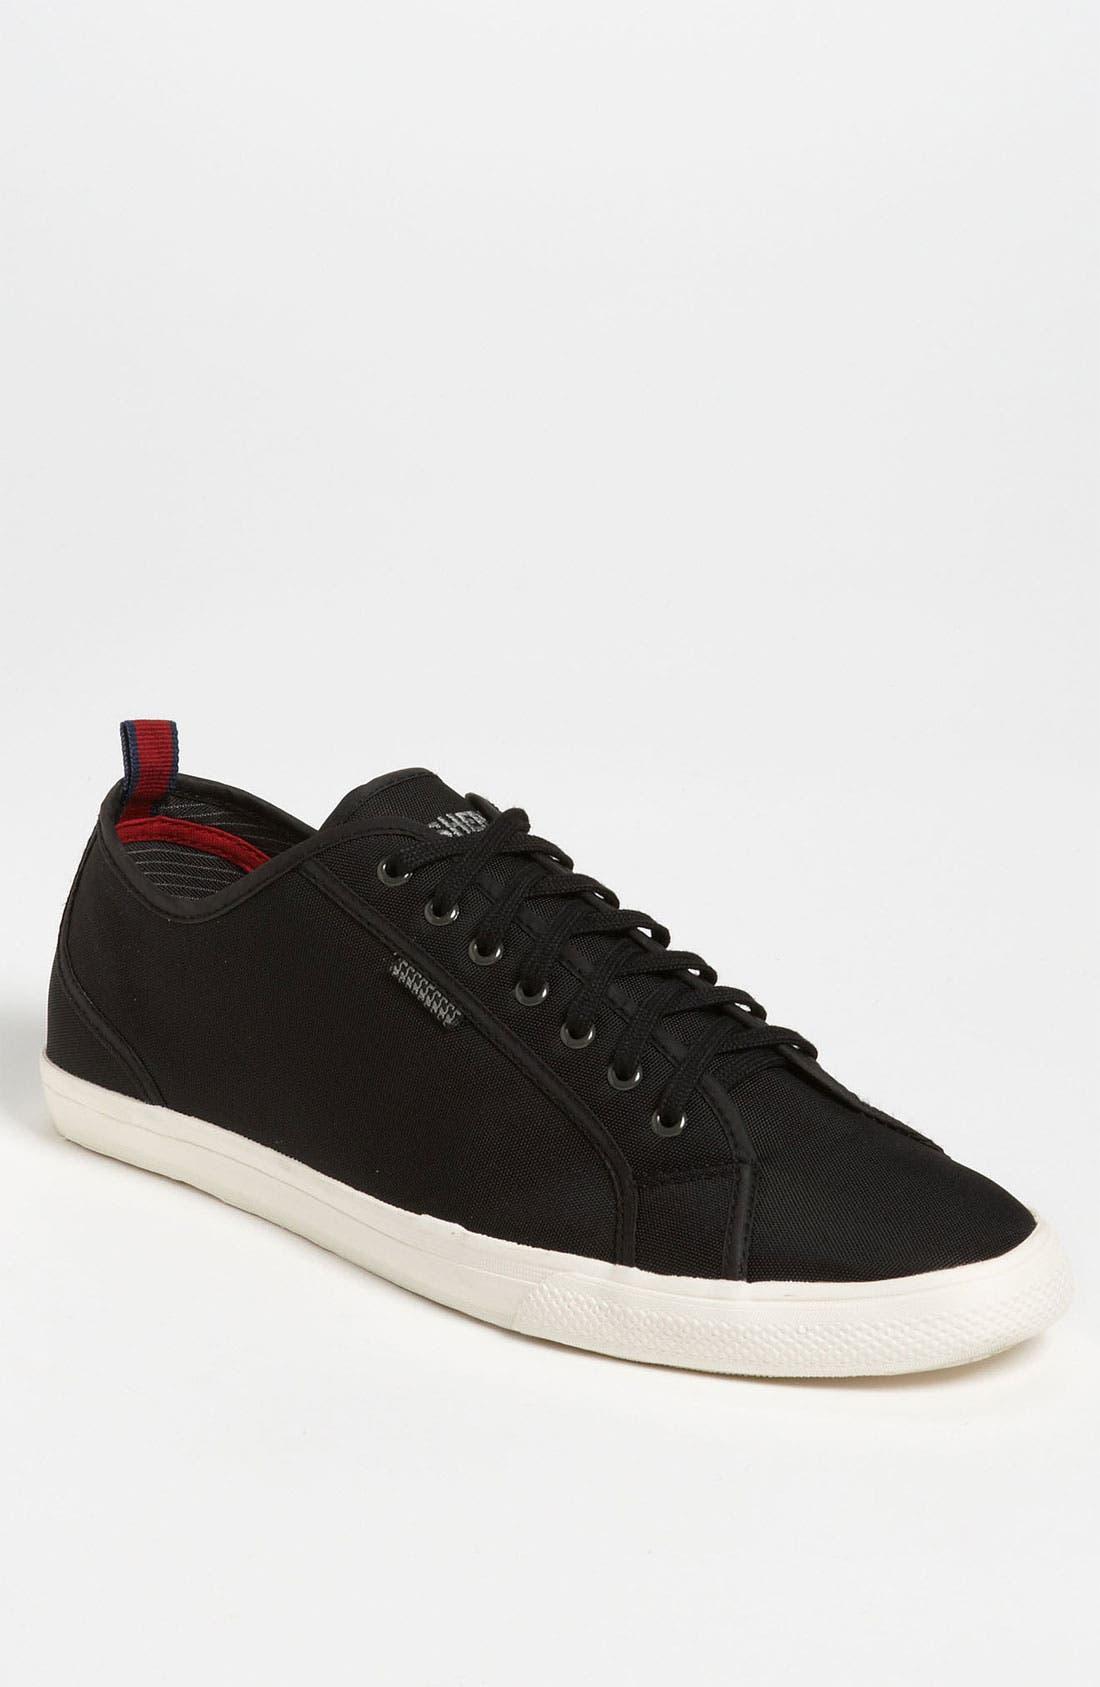 Main Image - Ben Sherman 'Breckon' Sneaker